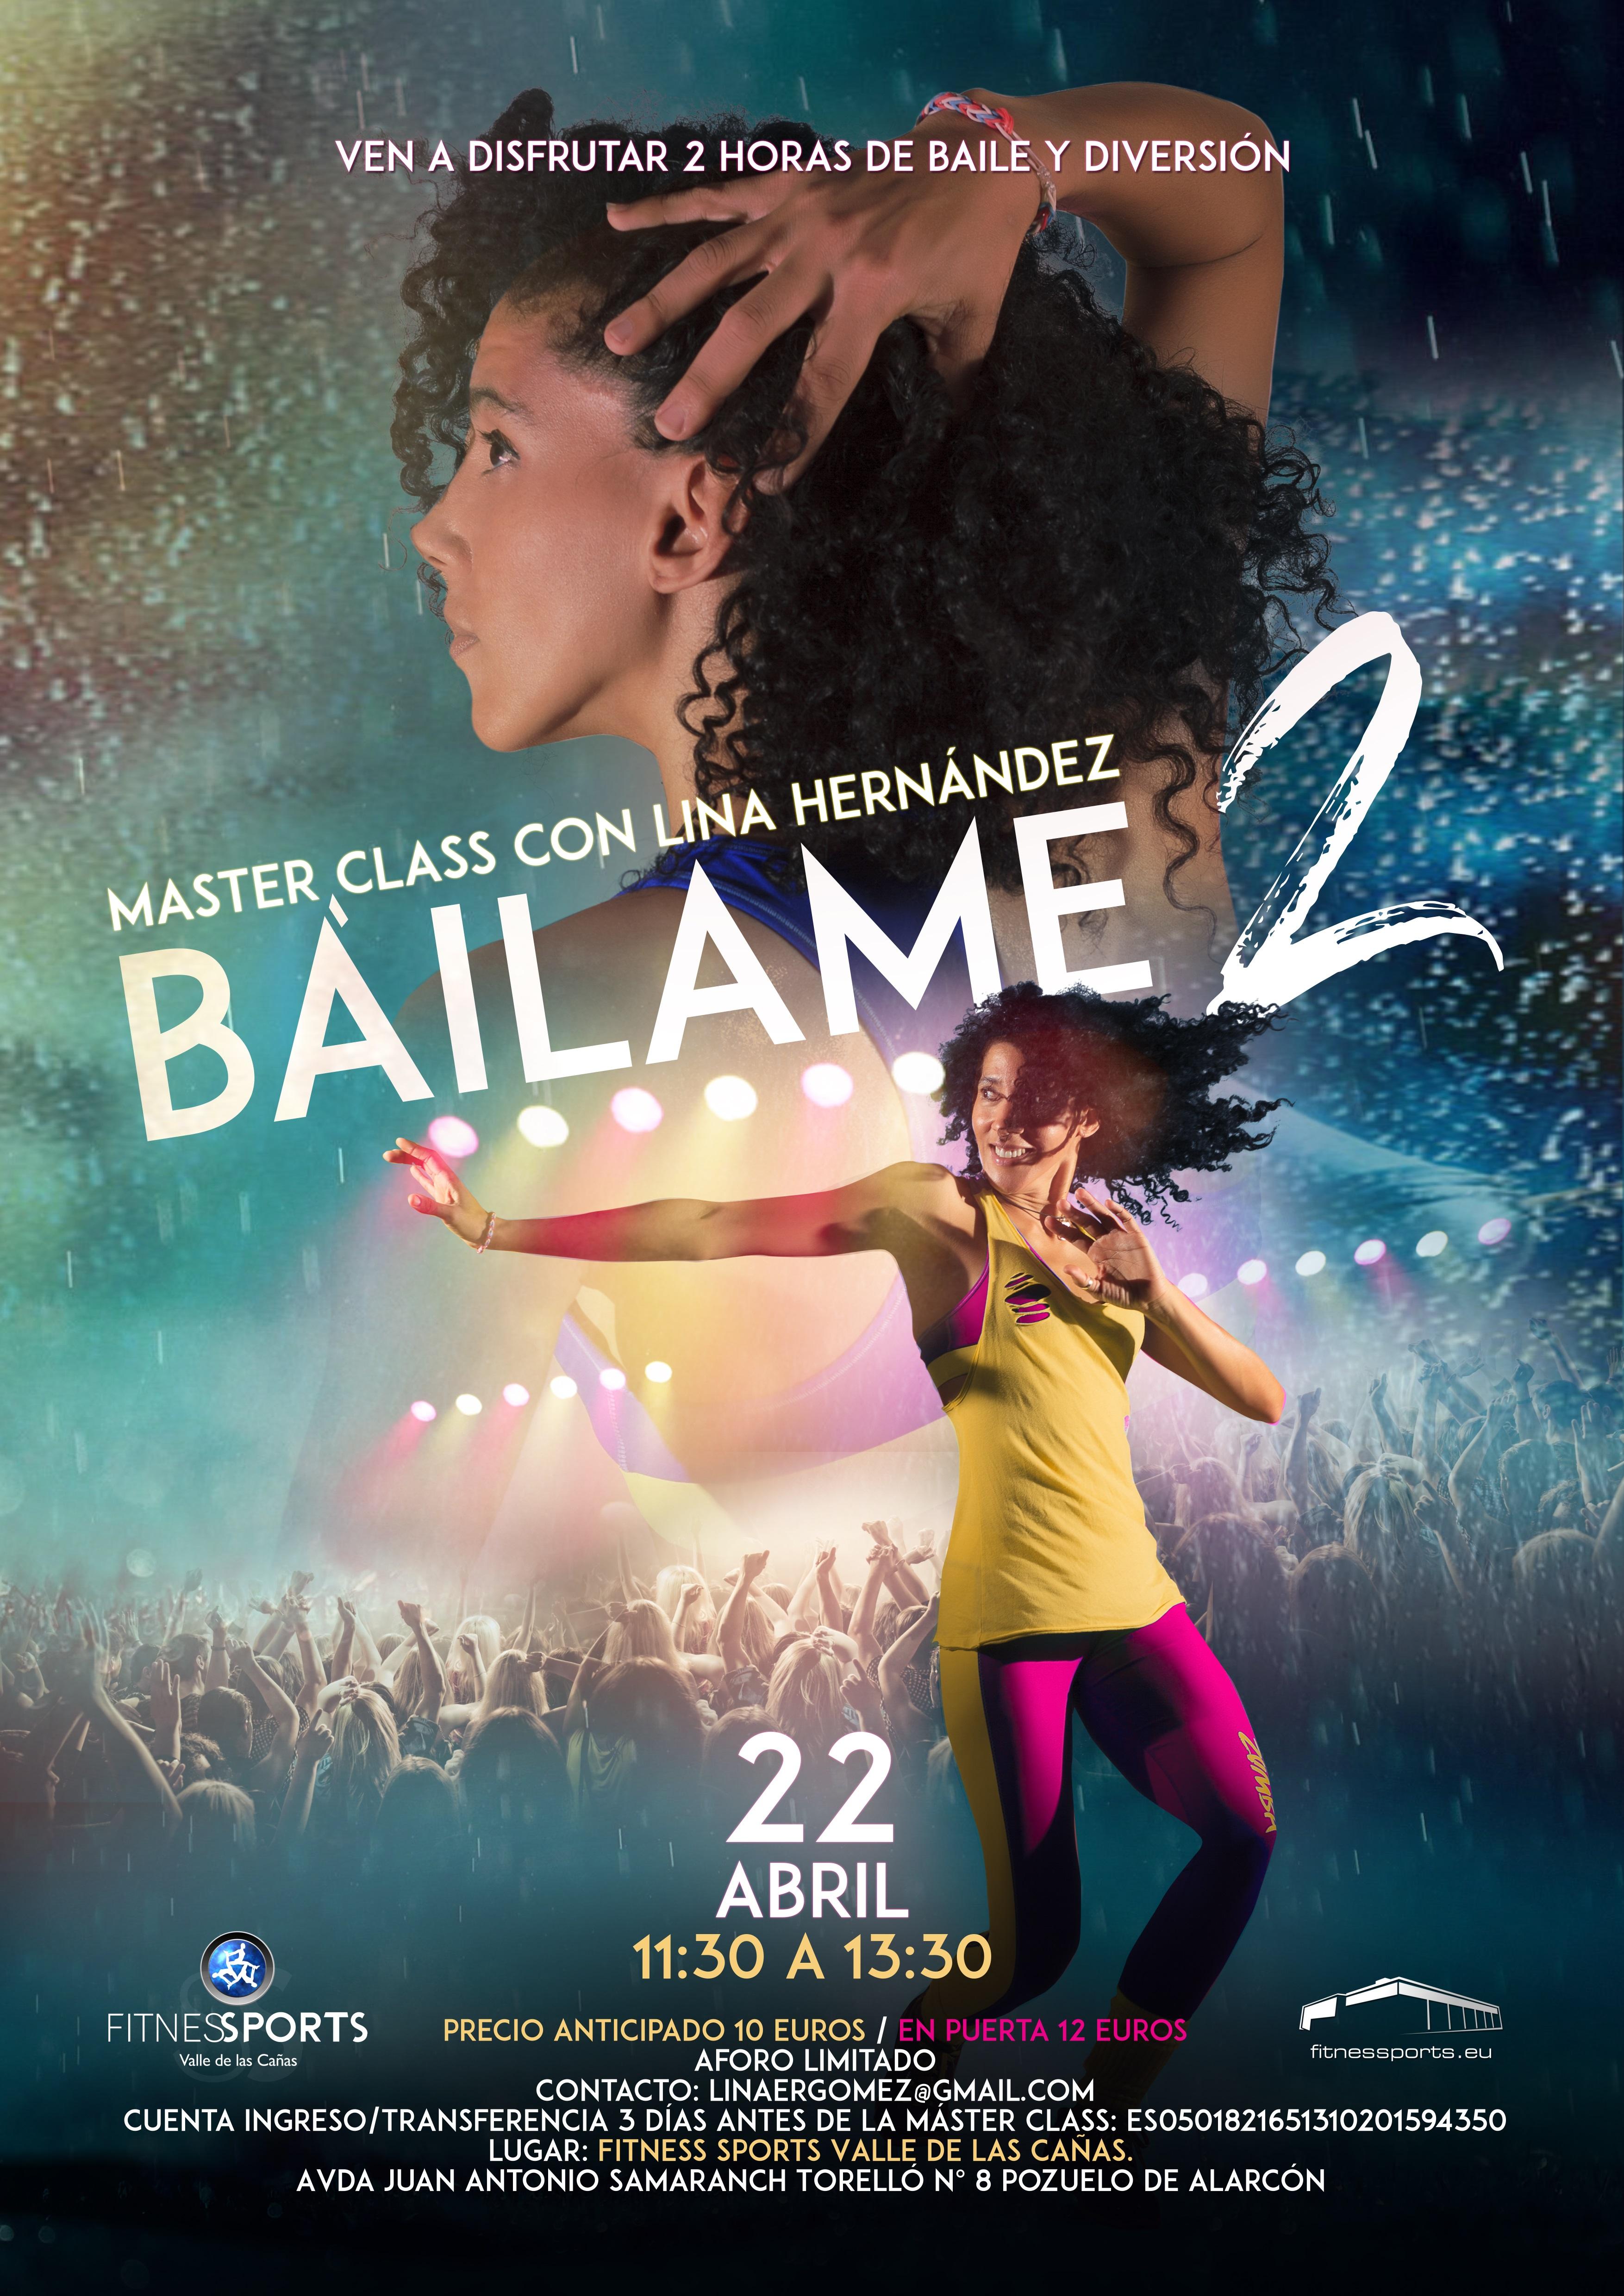 Bailame 2 Cartel Lina Hernandez Fitness Sports Perfect Pixel Publicidad